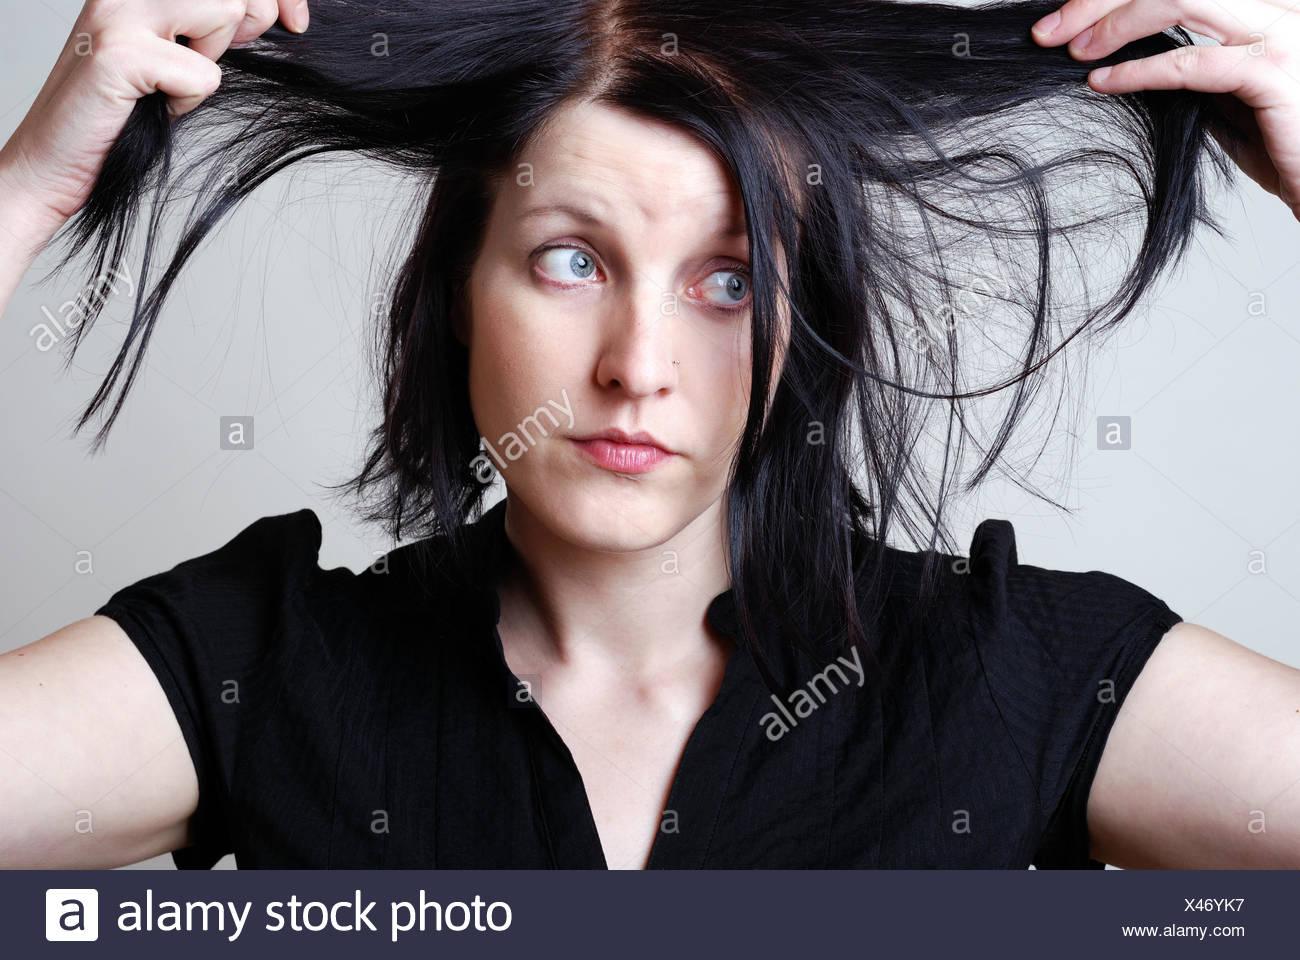 woman sad hairdo - Stock Image